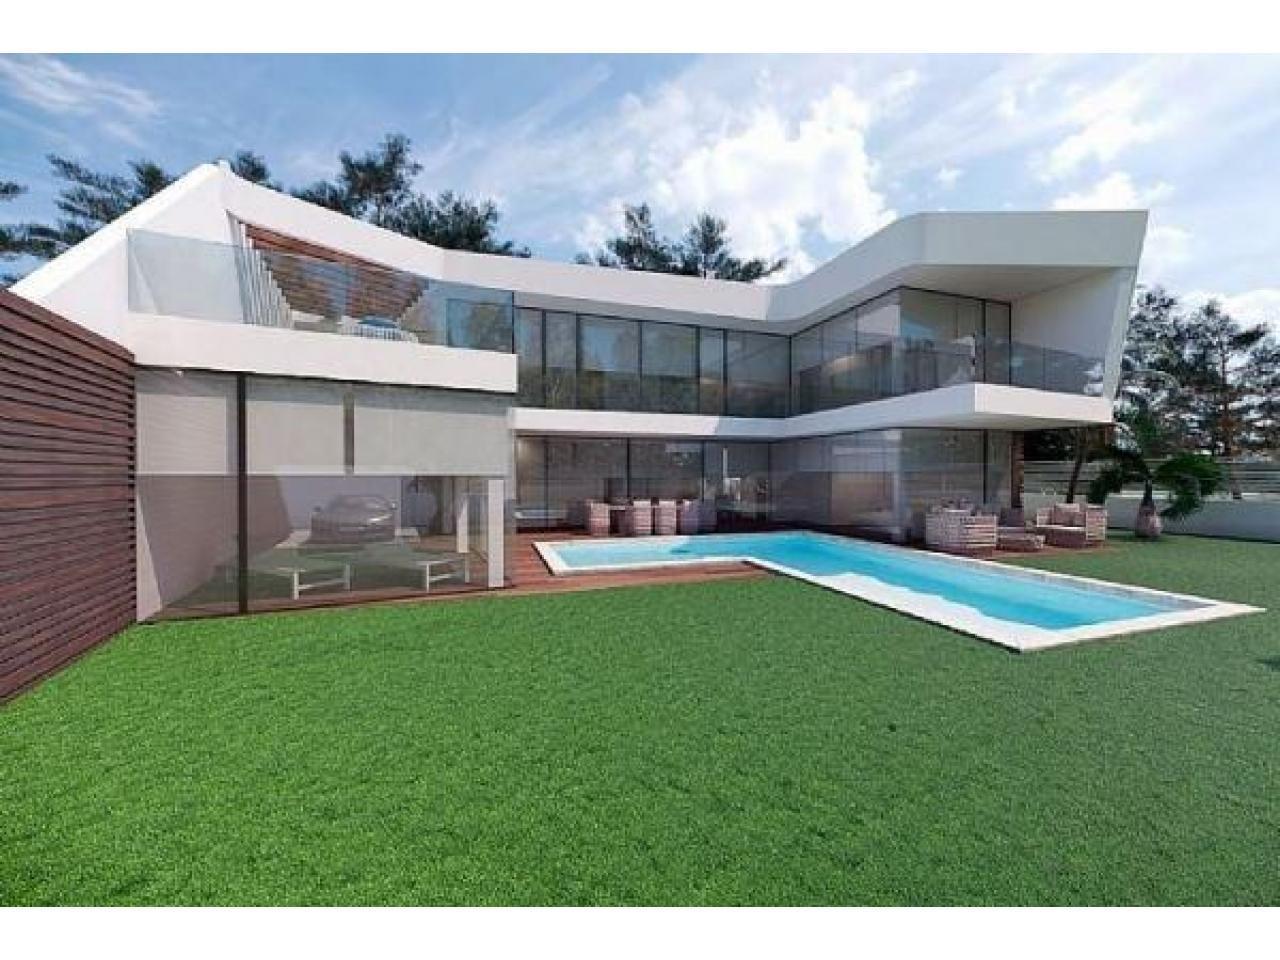 Недвижимость в Испании, Новая вилла рядом с морем от застройщика в Альтеа,Коста Бланка,Испания - 1